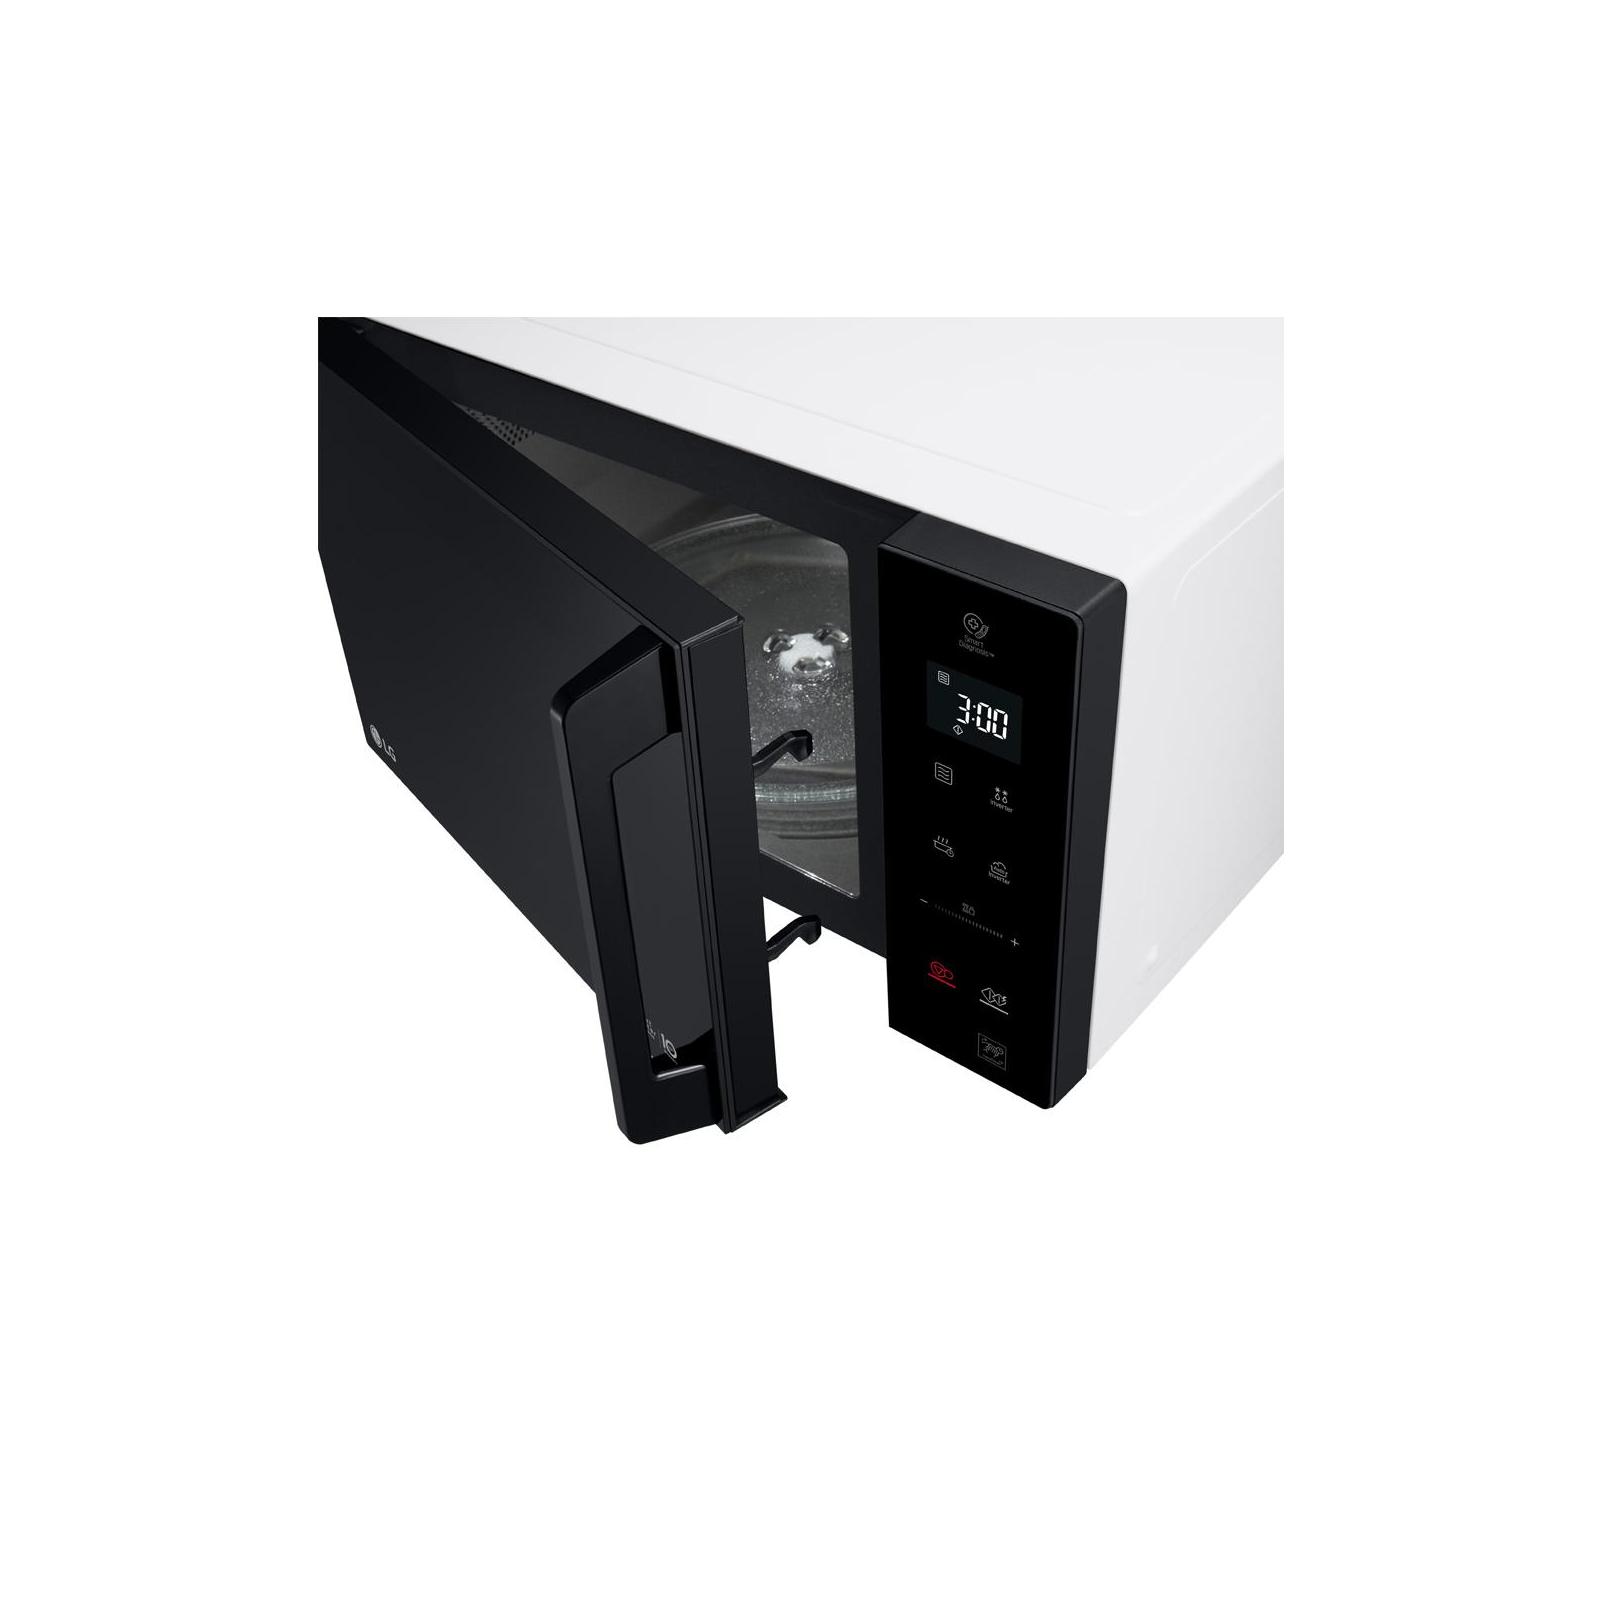 Микроволновая печь LG MS2595FISW изображение 7